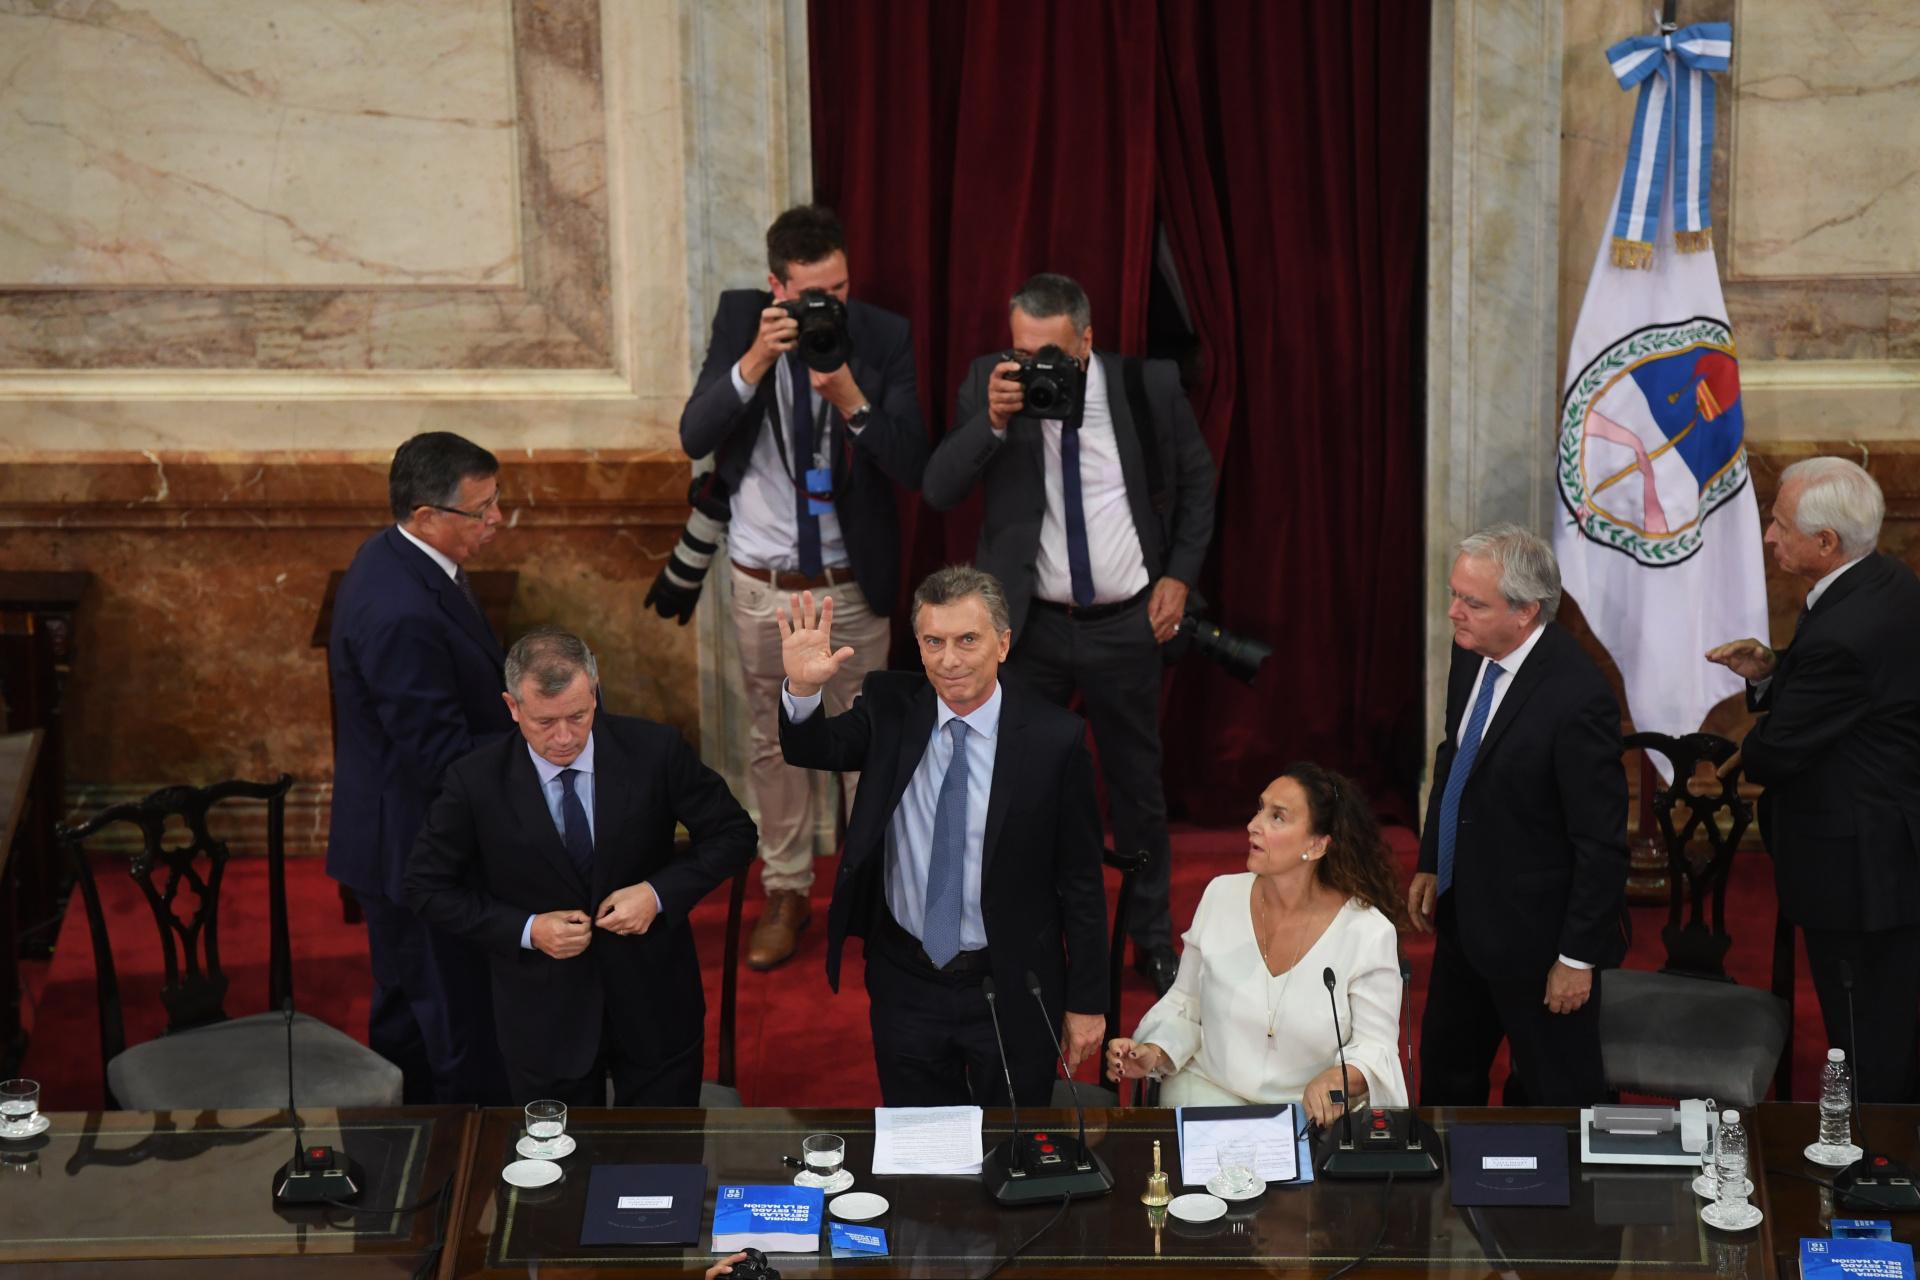 Macri saluda antes de retirarse de la sesión